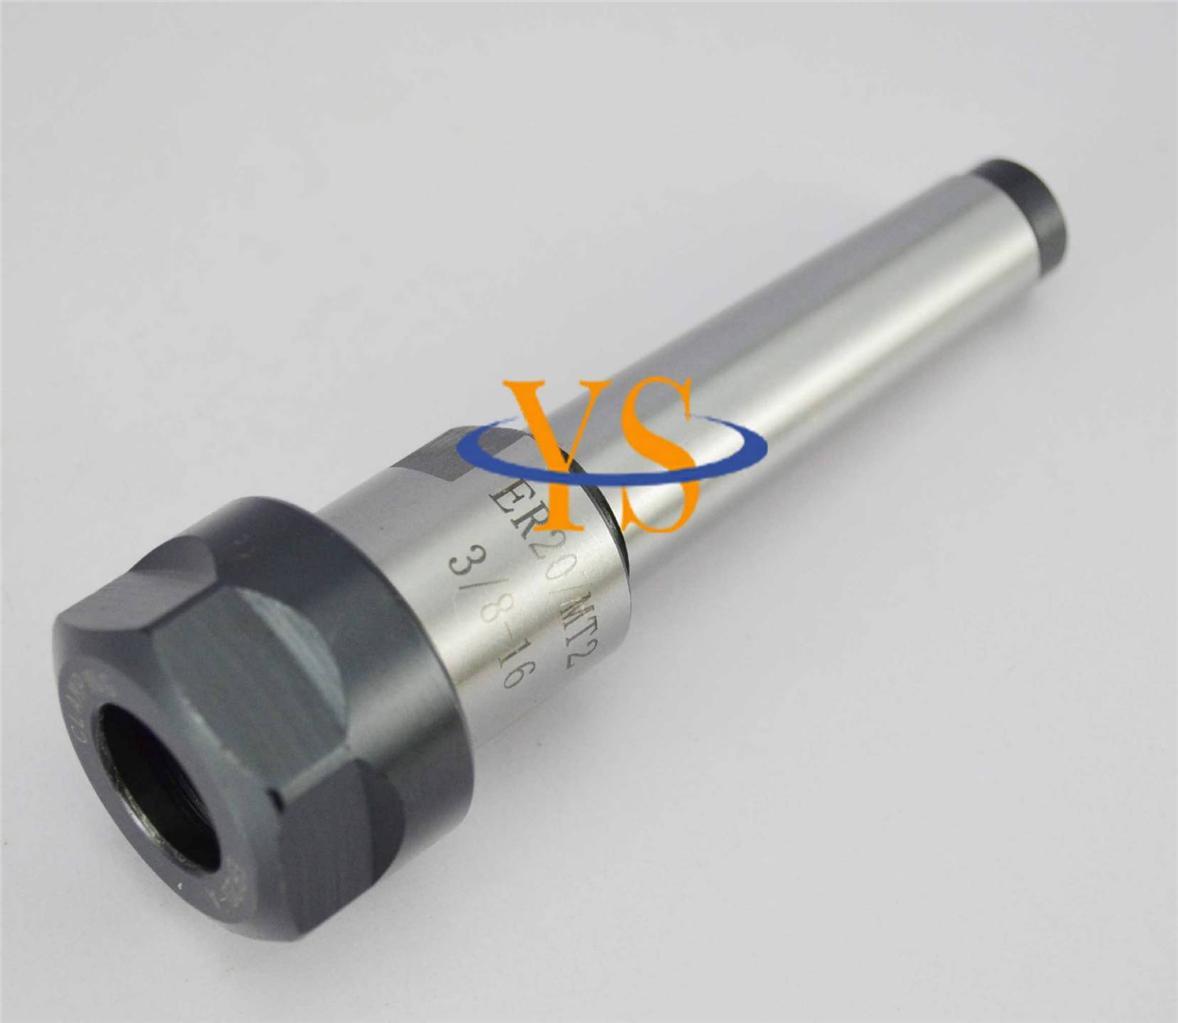 New-ER20-MT2-3-8-16-collet-chuck-cnc-milling-lathe-tools-ER20-Morse-taper-2